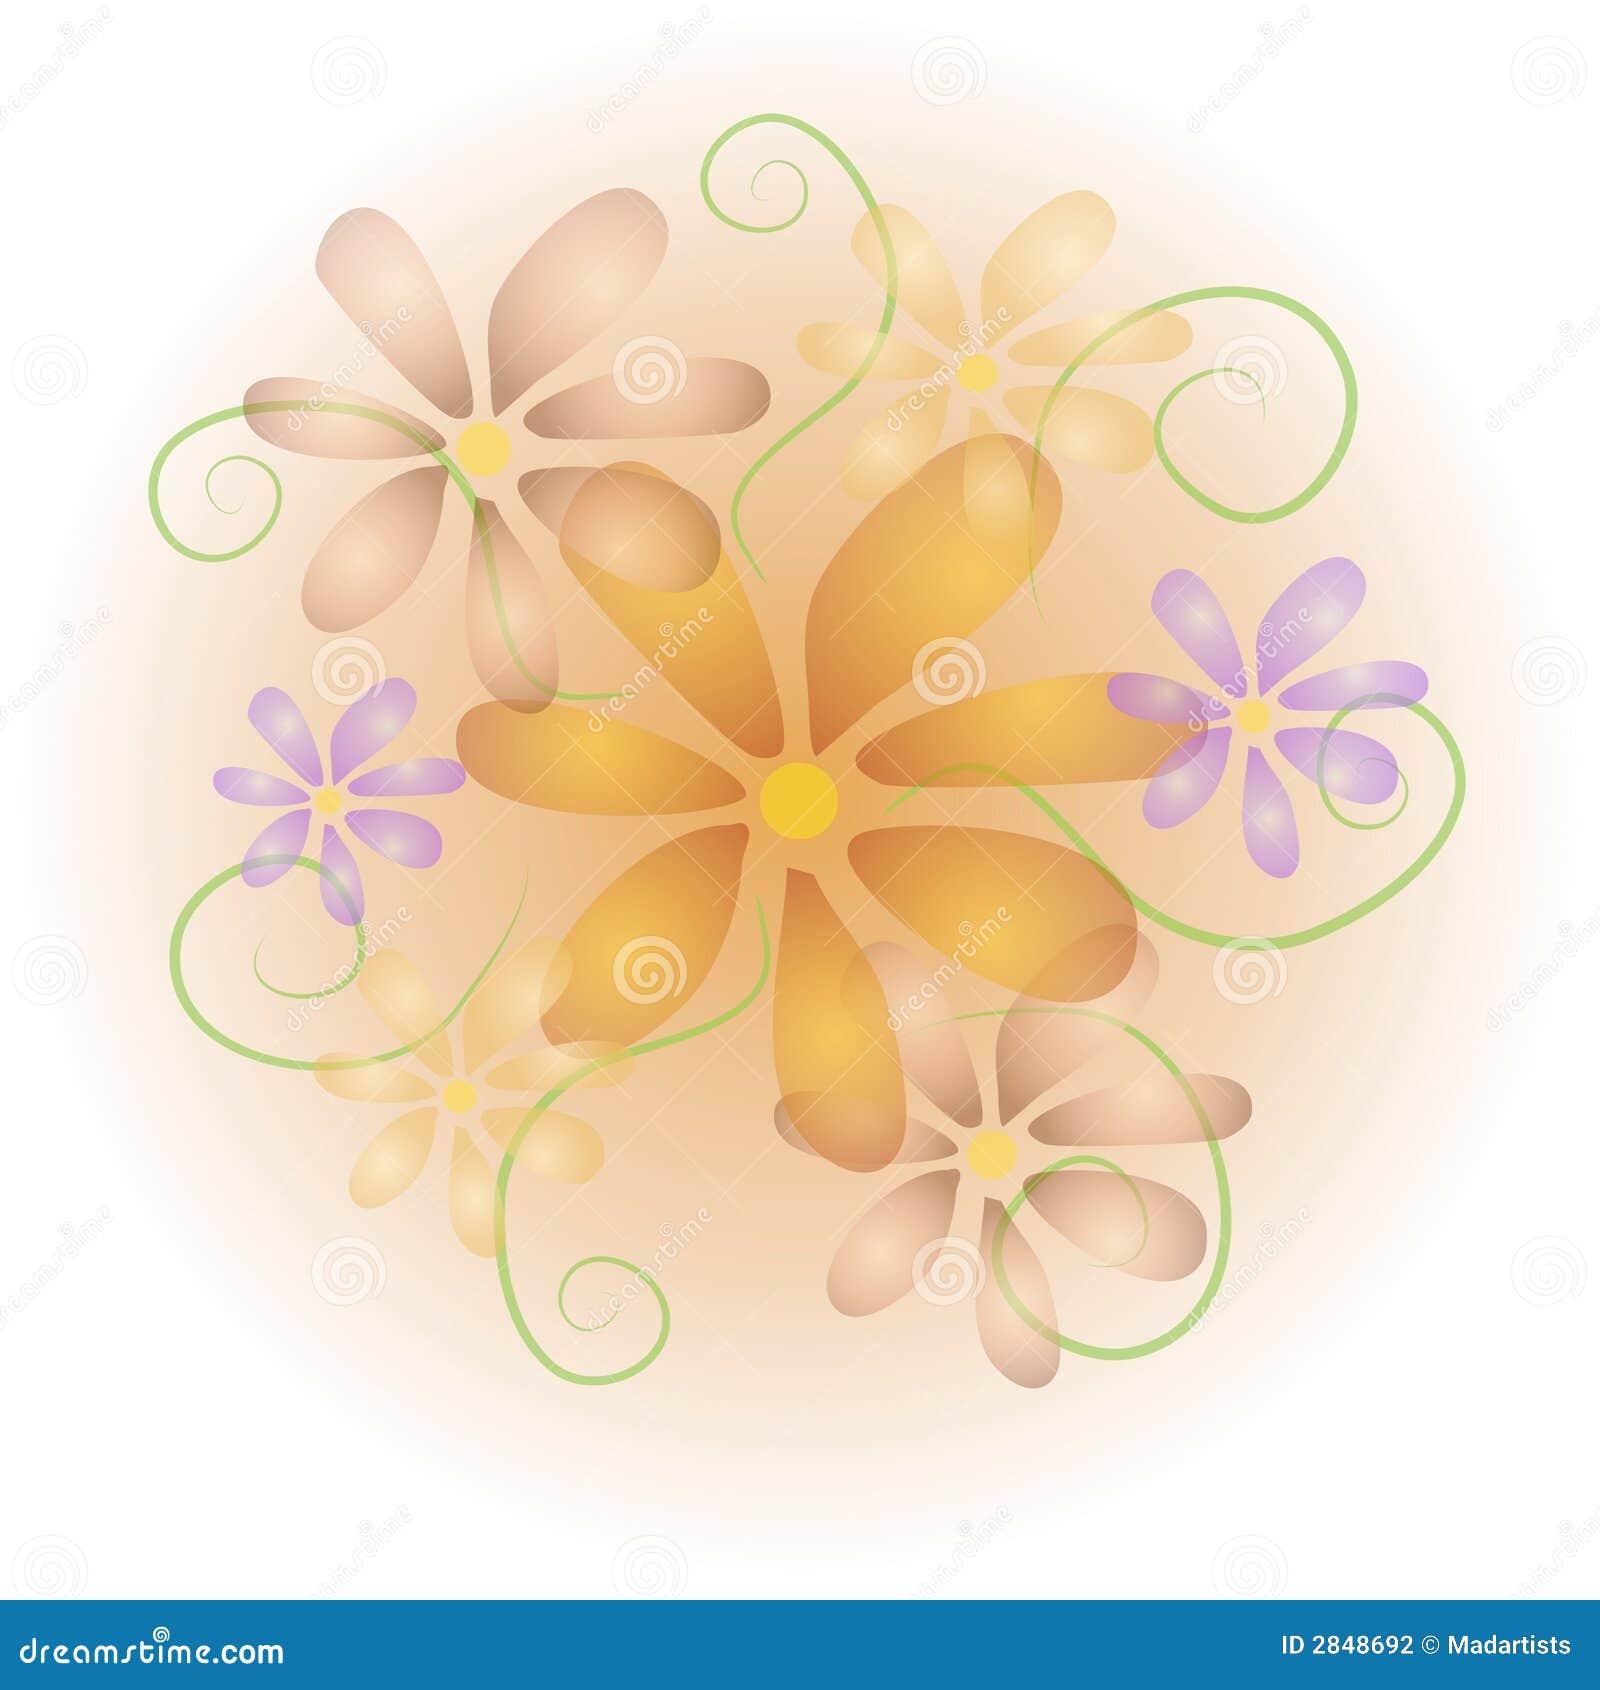 illustration soft floral - photo #49